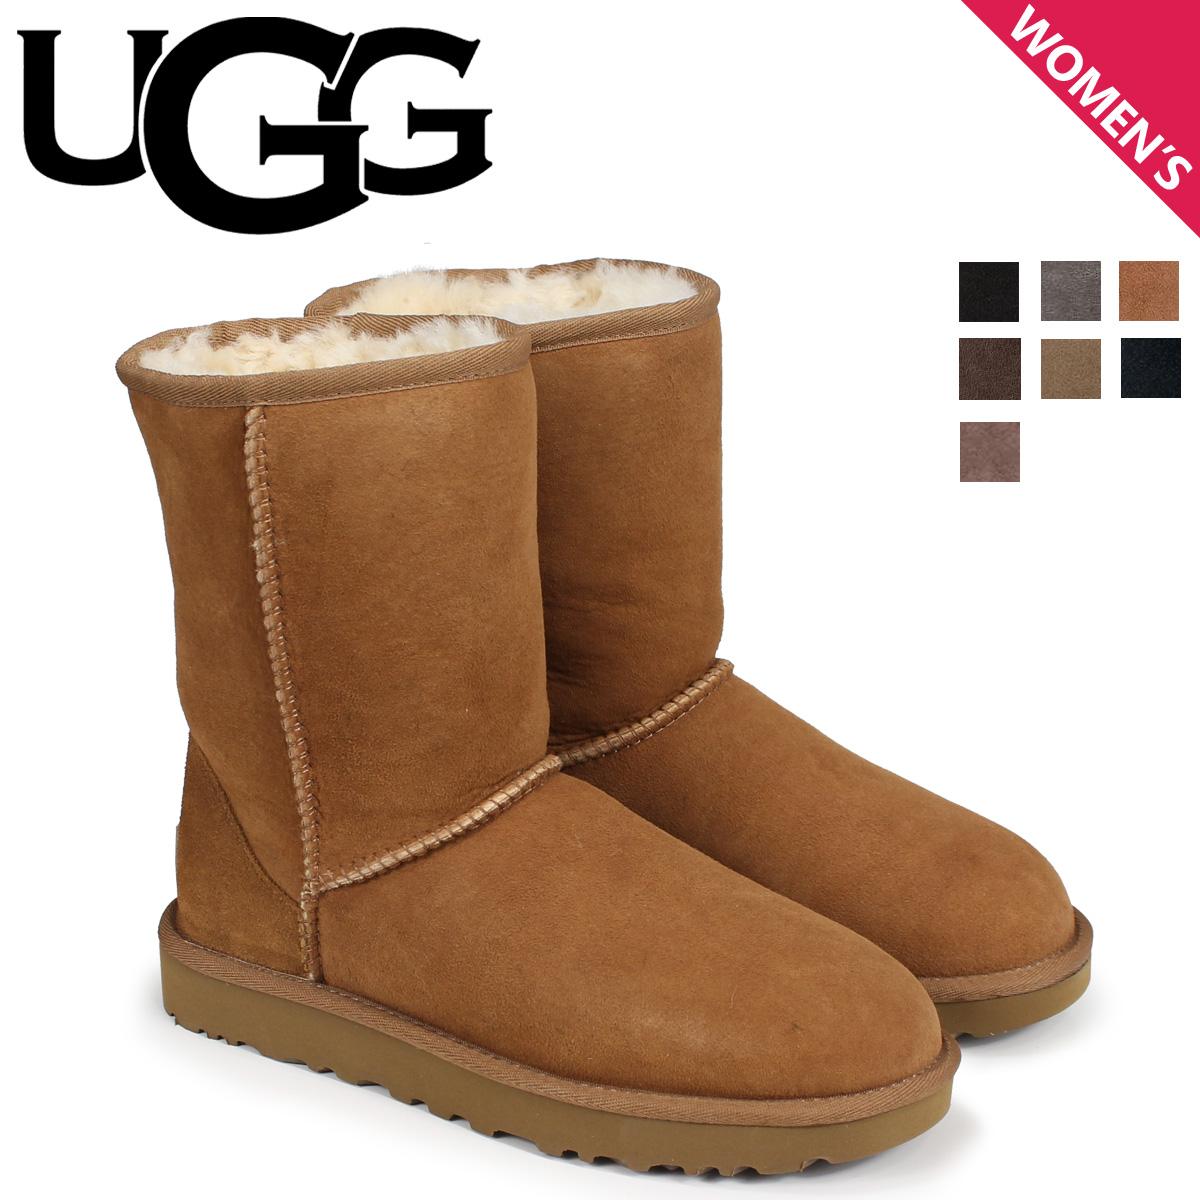 UGG アグ ムートン ブーツ クラシック ショート WOMENS CLASSIC SHORT 1016223 レディース [9/12 新入荷]